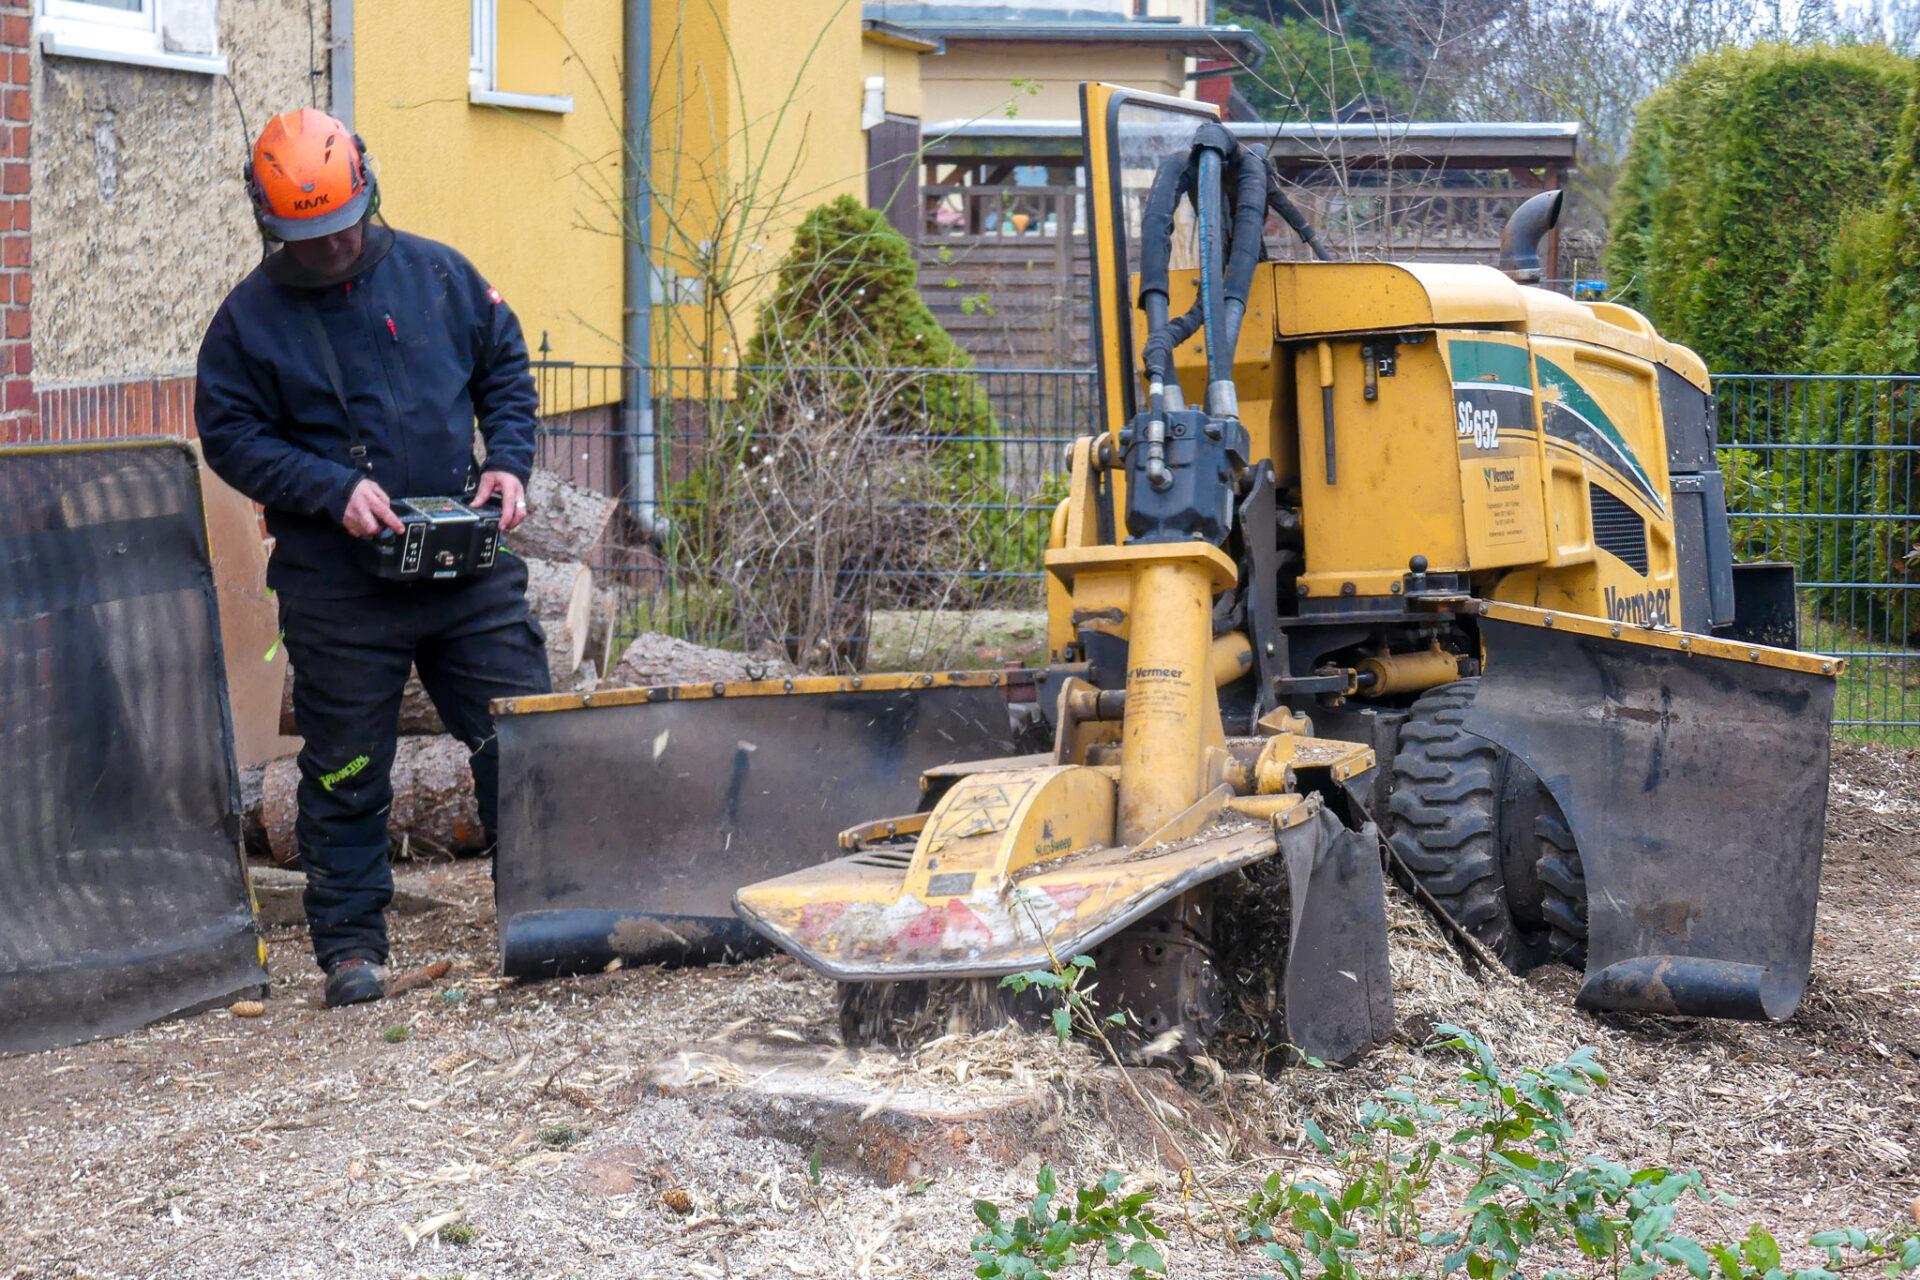 Biber-Baumdienst – Stubbenfräse im Einsatz